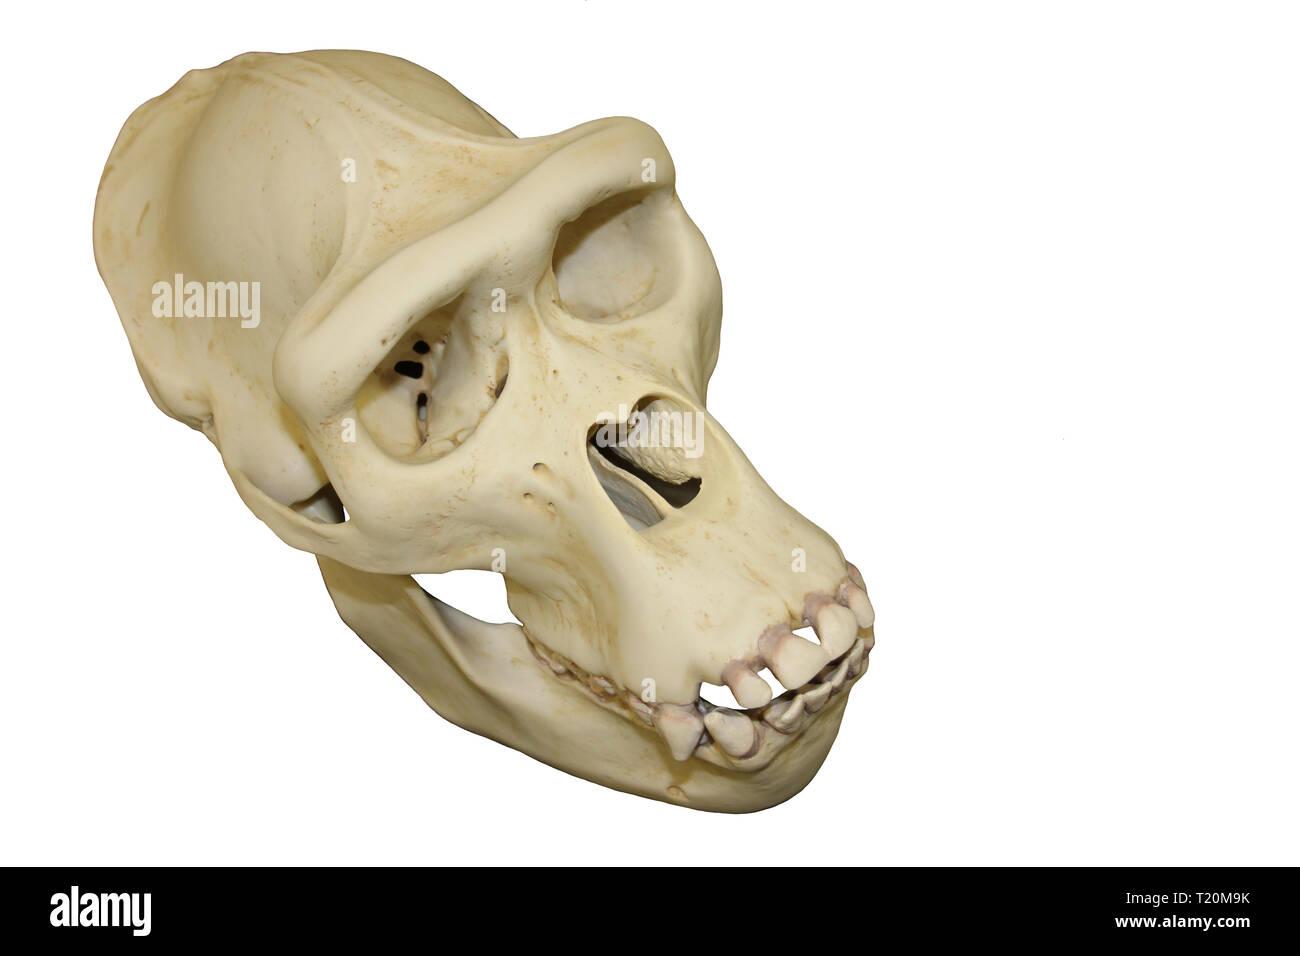 Cutout Skulls Stock Photos & Cutout Skulls Stock Images - Alamy